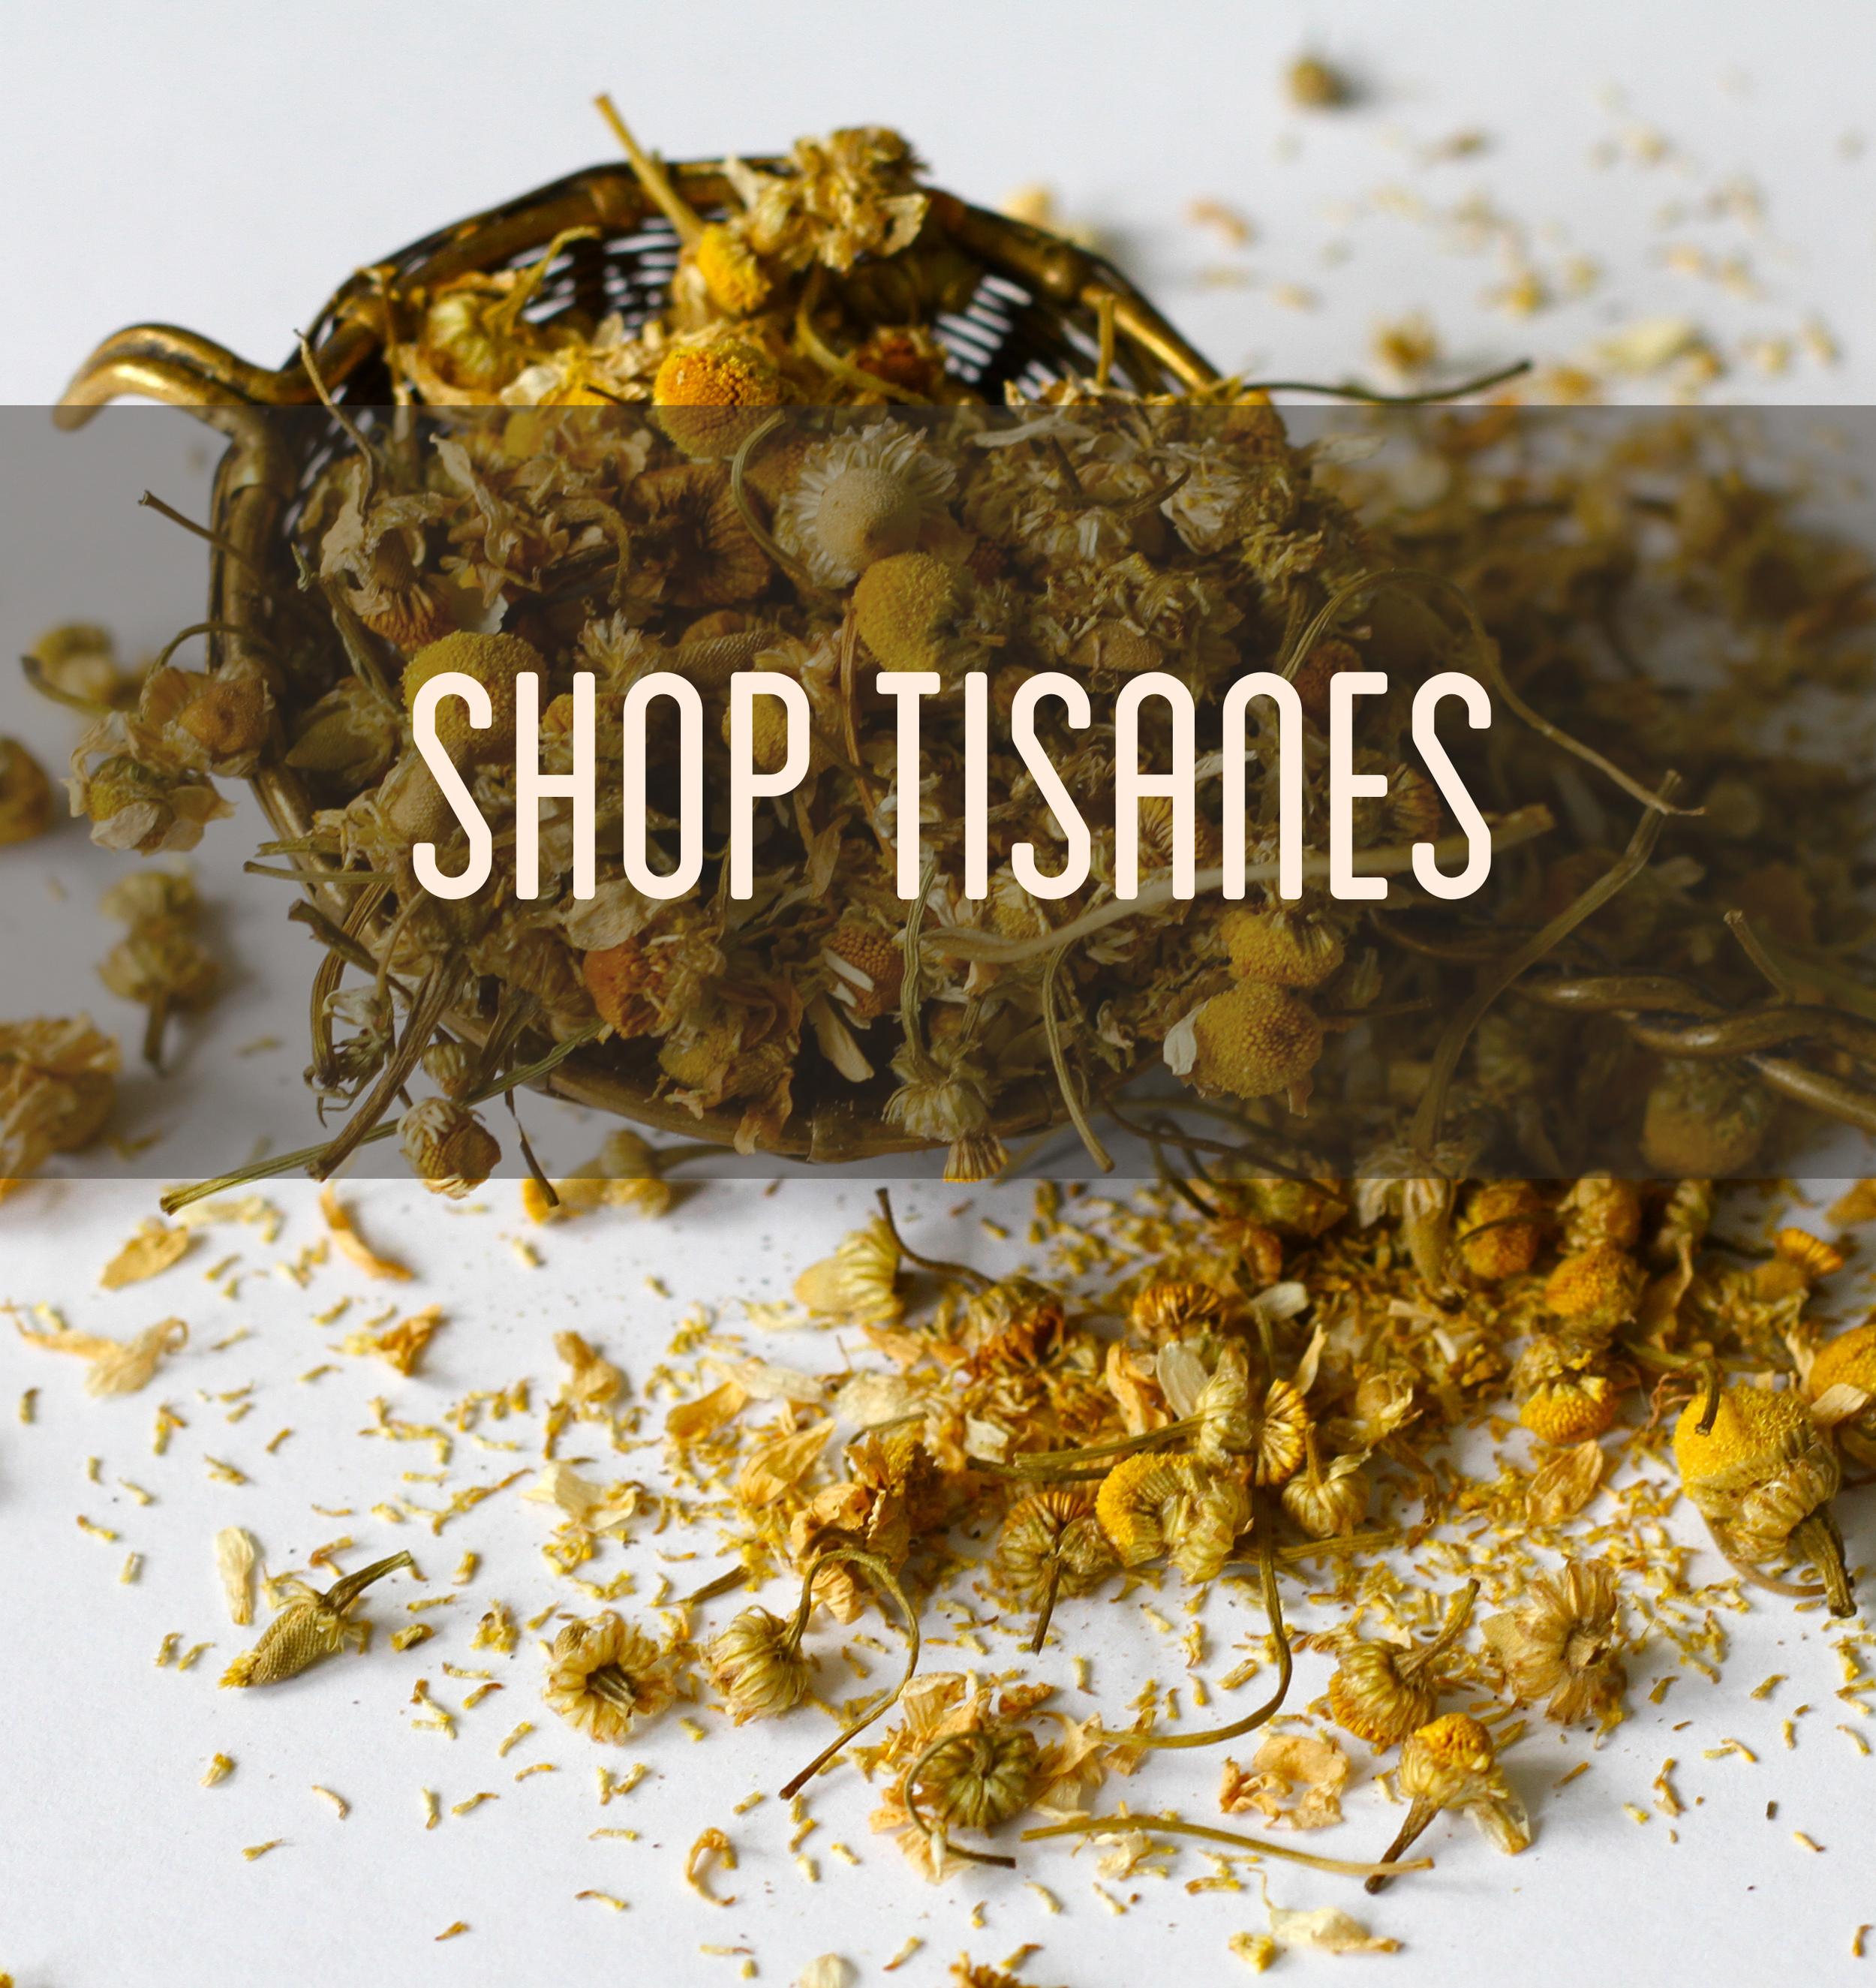 Shop Herbal